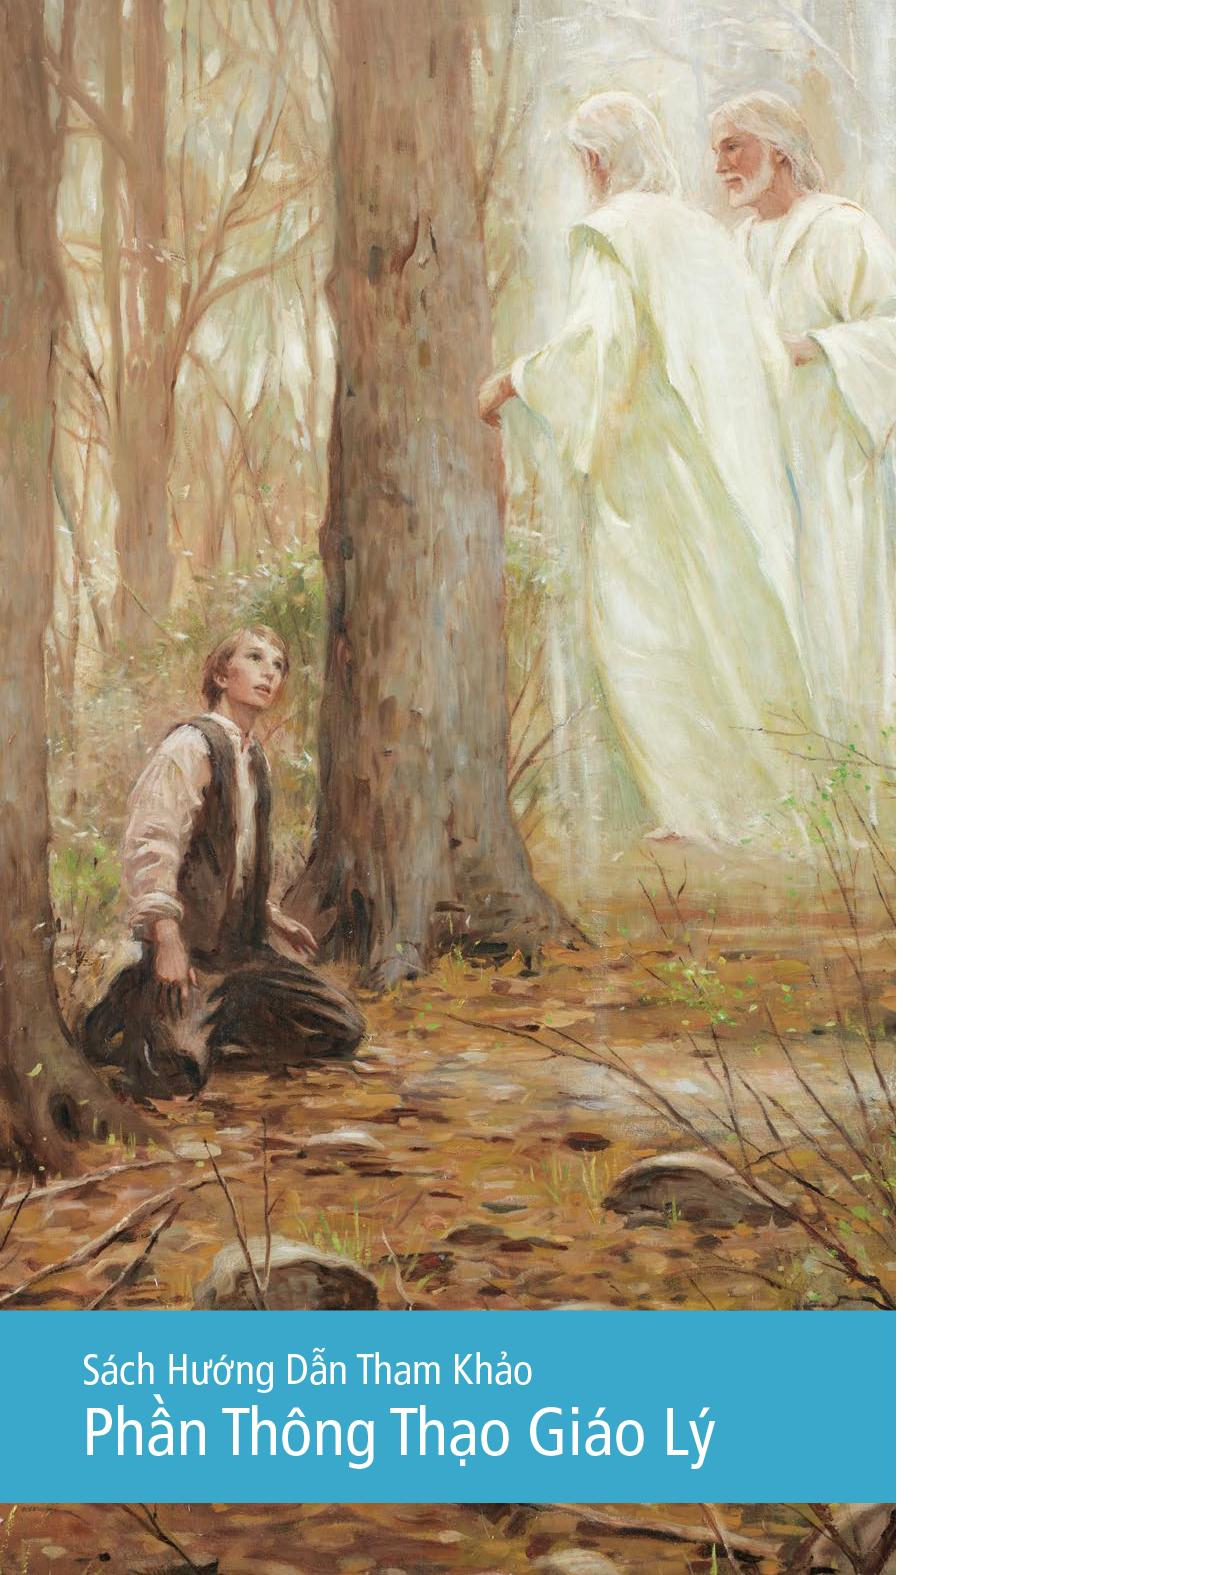 Sách Hướng Dẫn Tham Khảo Phần Thông Thạo Giáo Lý